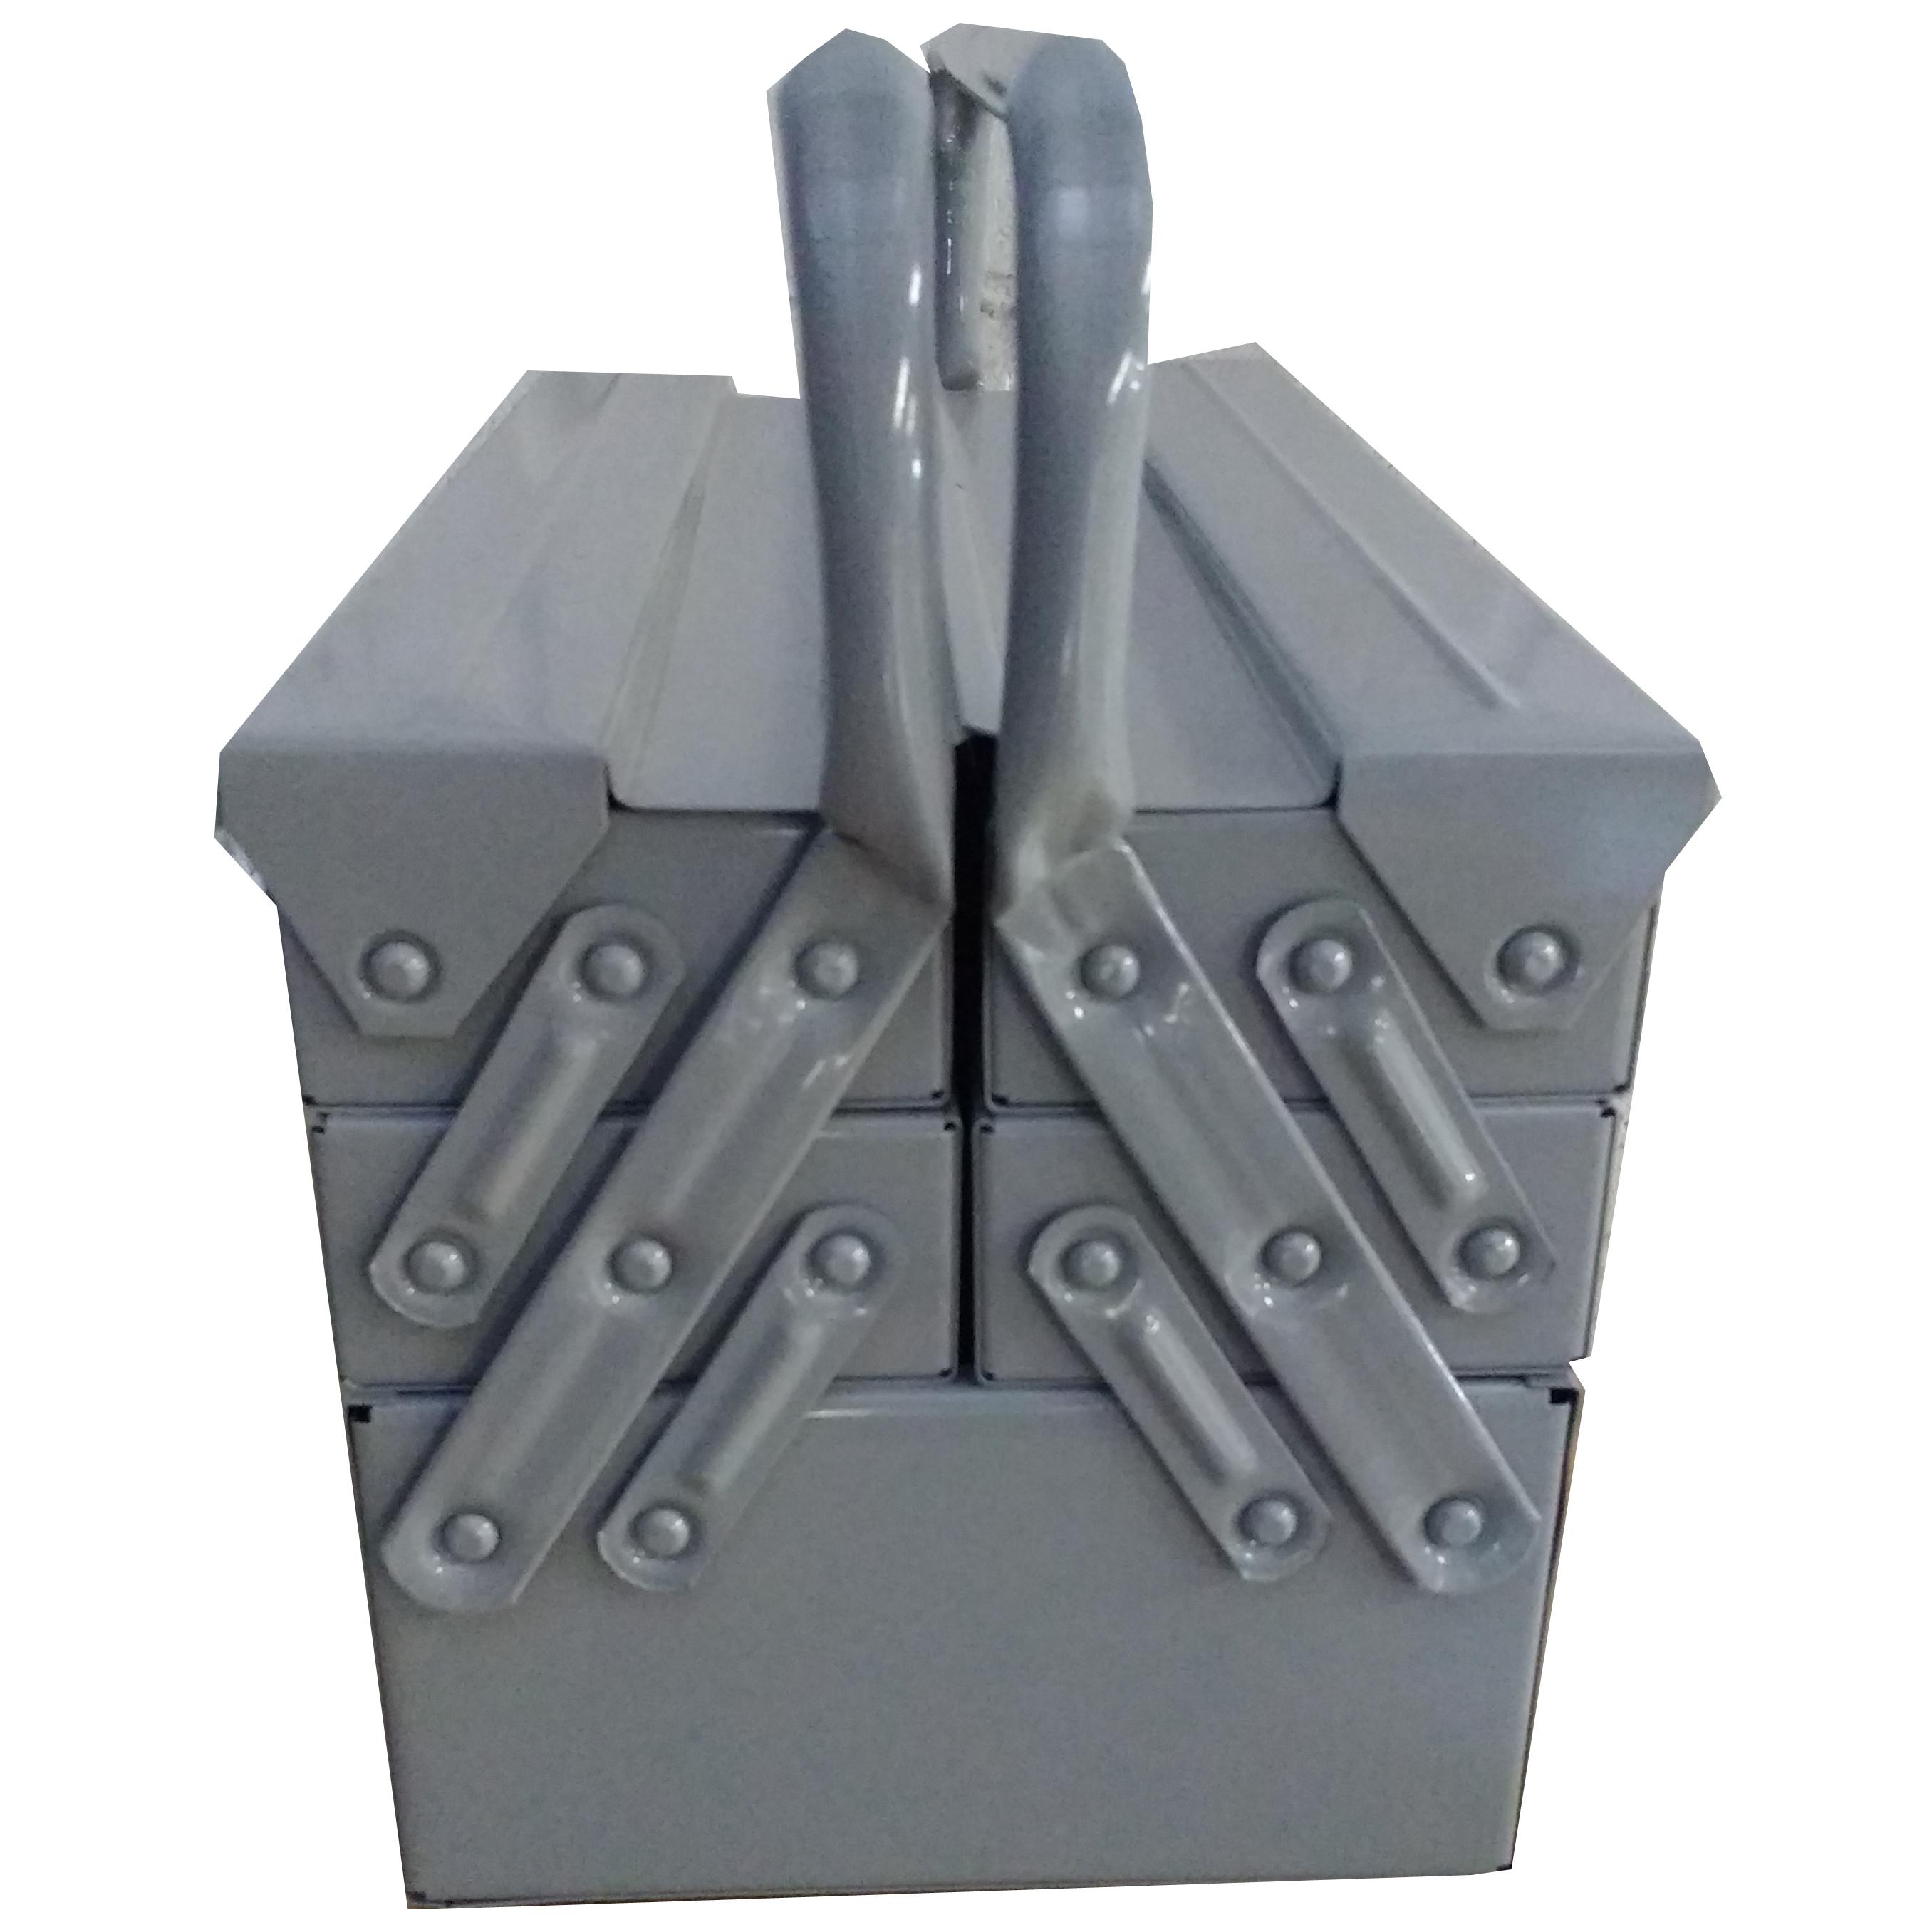 Caixa Ferramentas Sanfonada 5 Gavetas 50 cm Cabo Fixo Reforçada